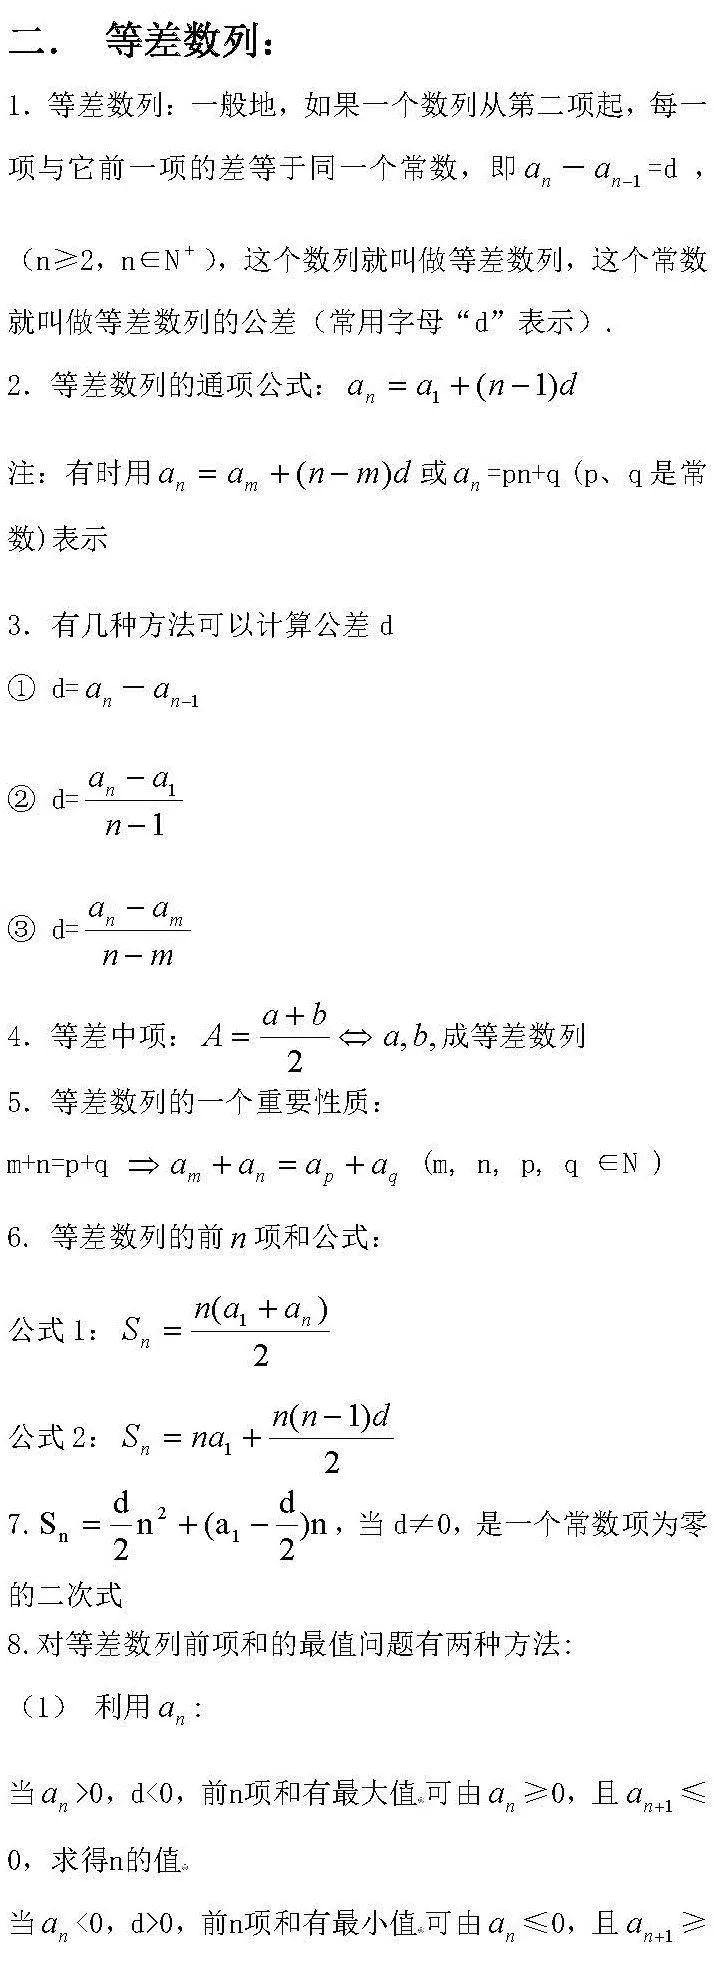 2020年江苏成人高考高起点理科《数学》数列考点